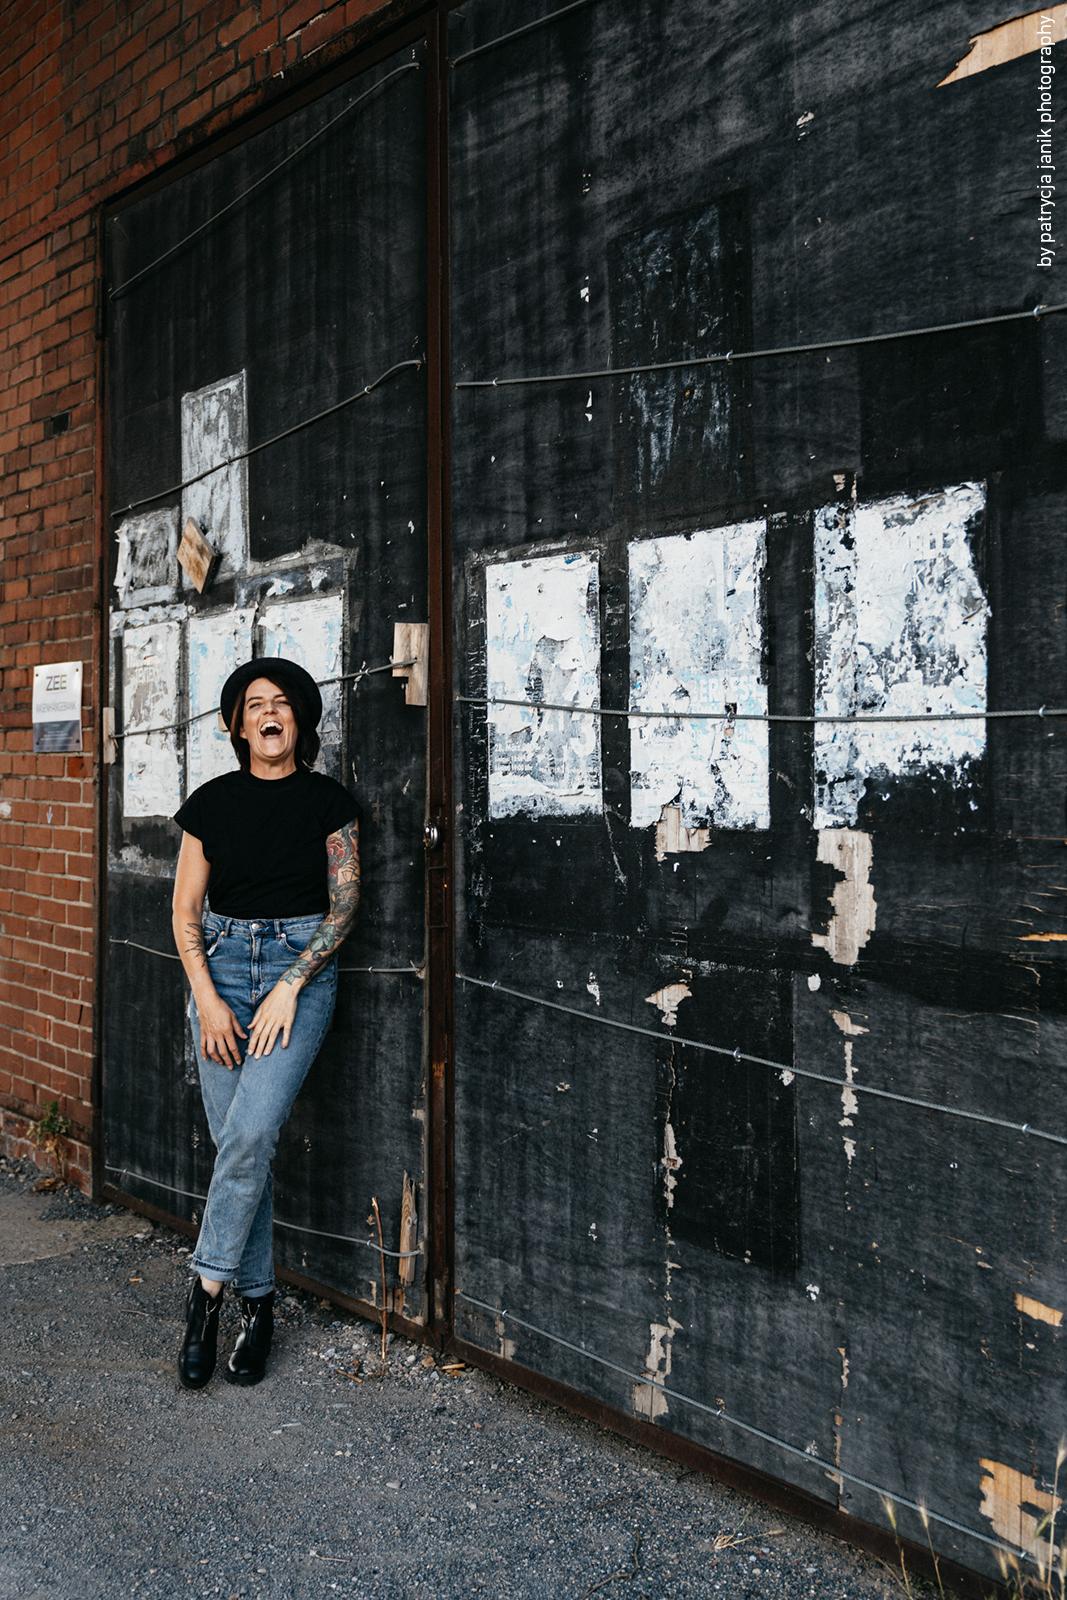 Fotografin mit Hut vor Plakatwand im Industriegebiet